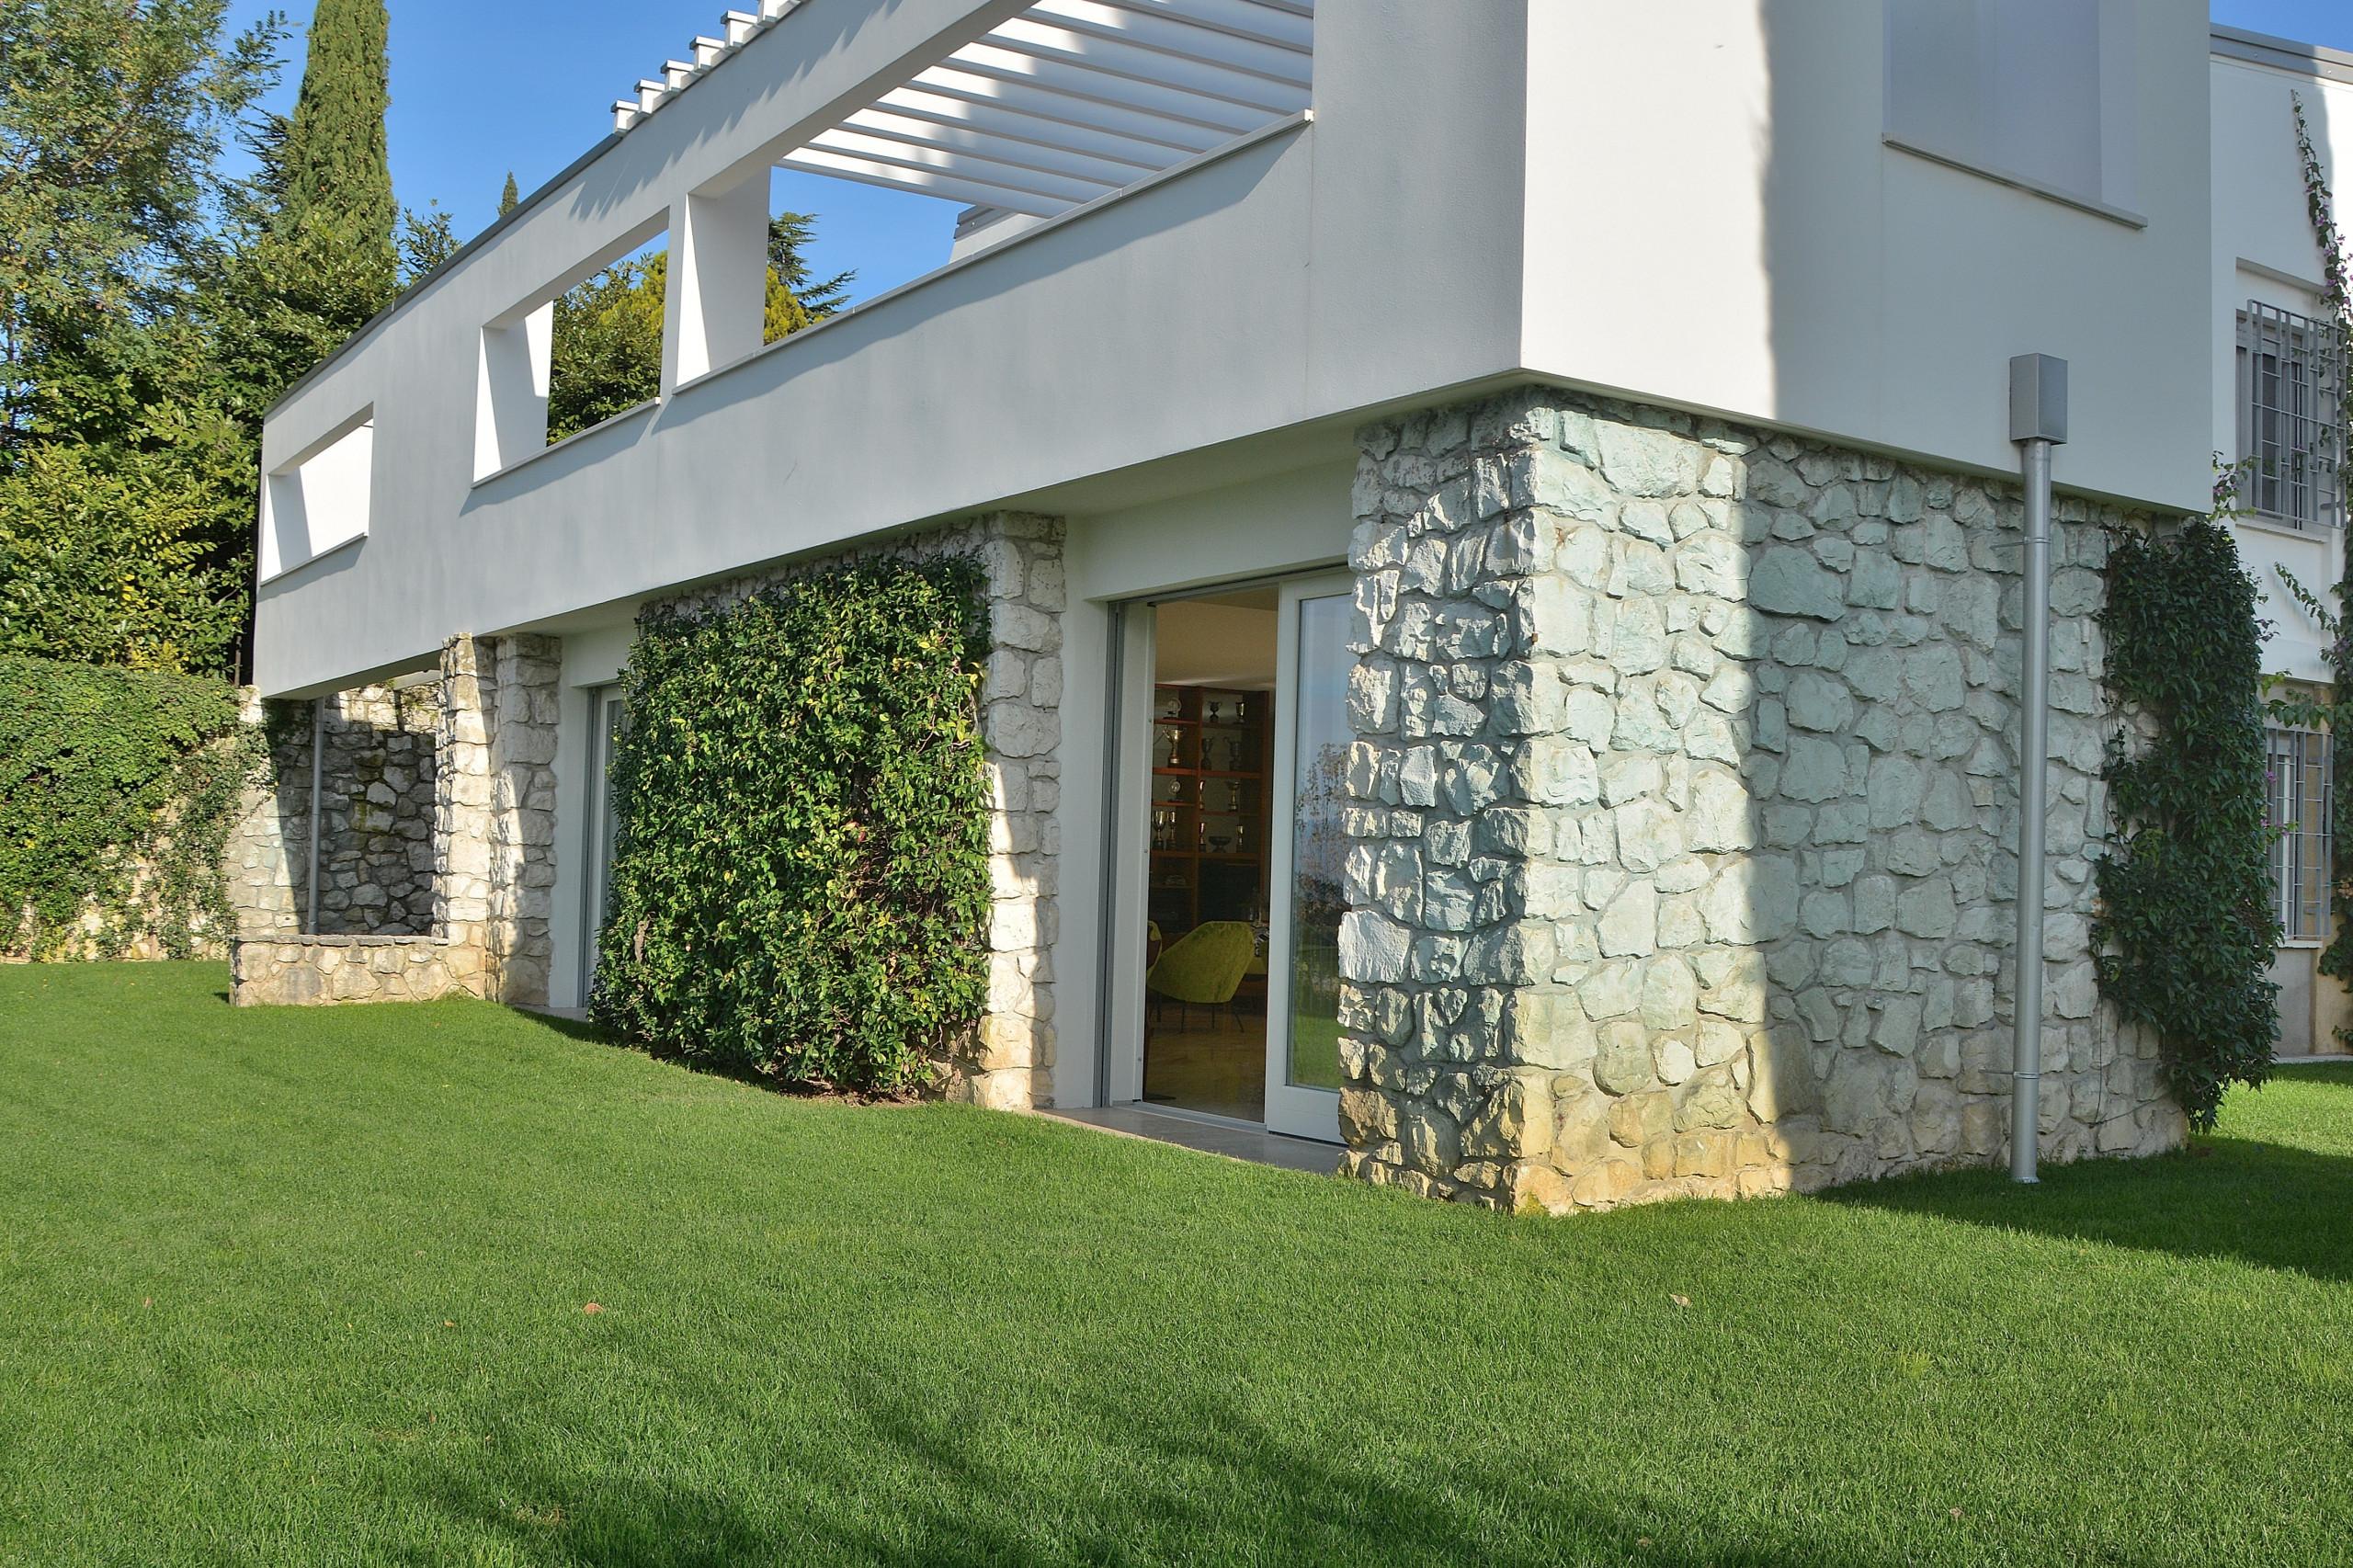 Villas in bardolino villa giardino degli ulivi with pool for Il giardino degli ulivi monteviale